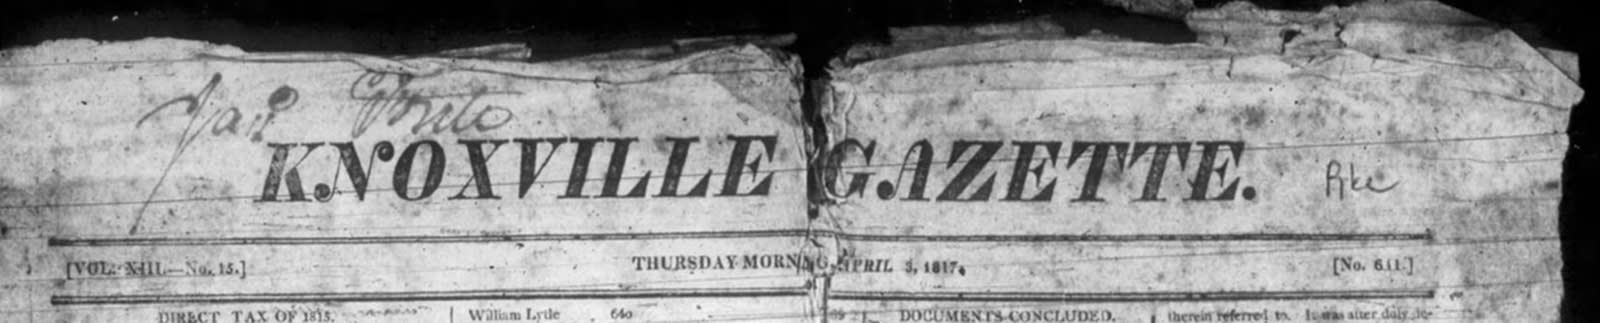 Knoxville Gazette Masthead